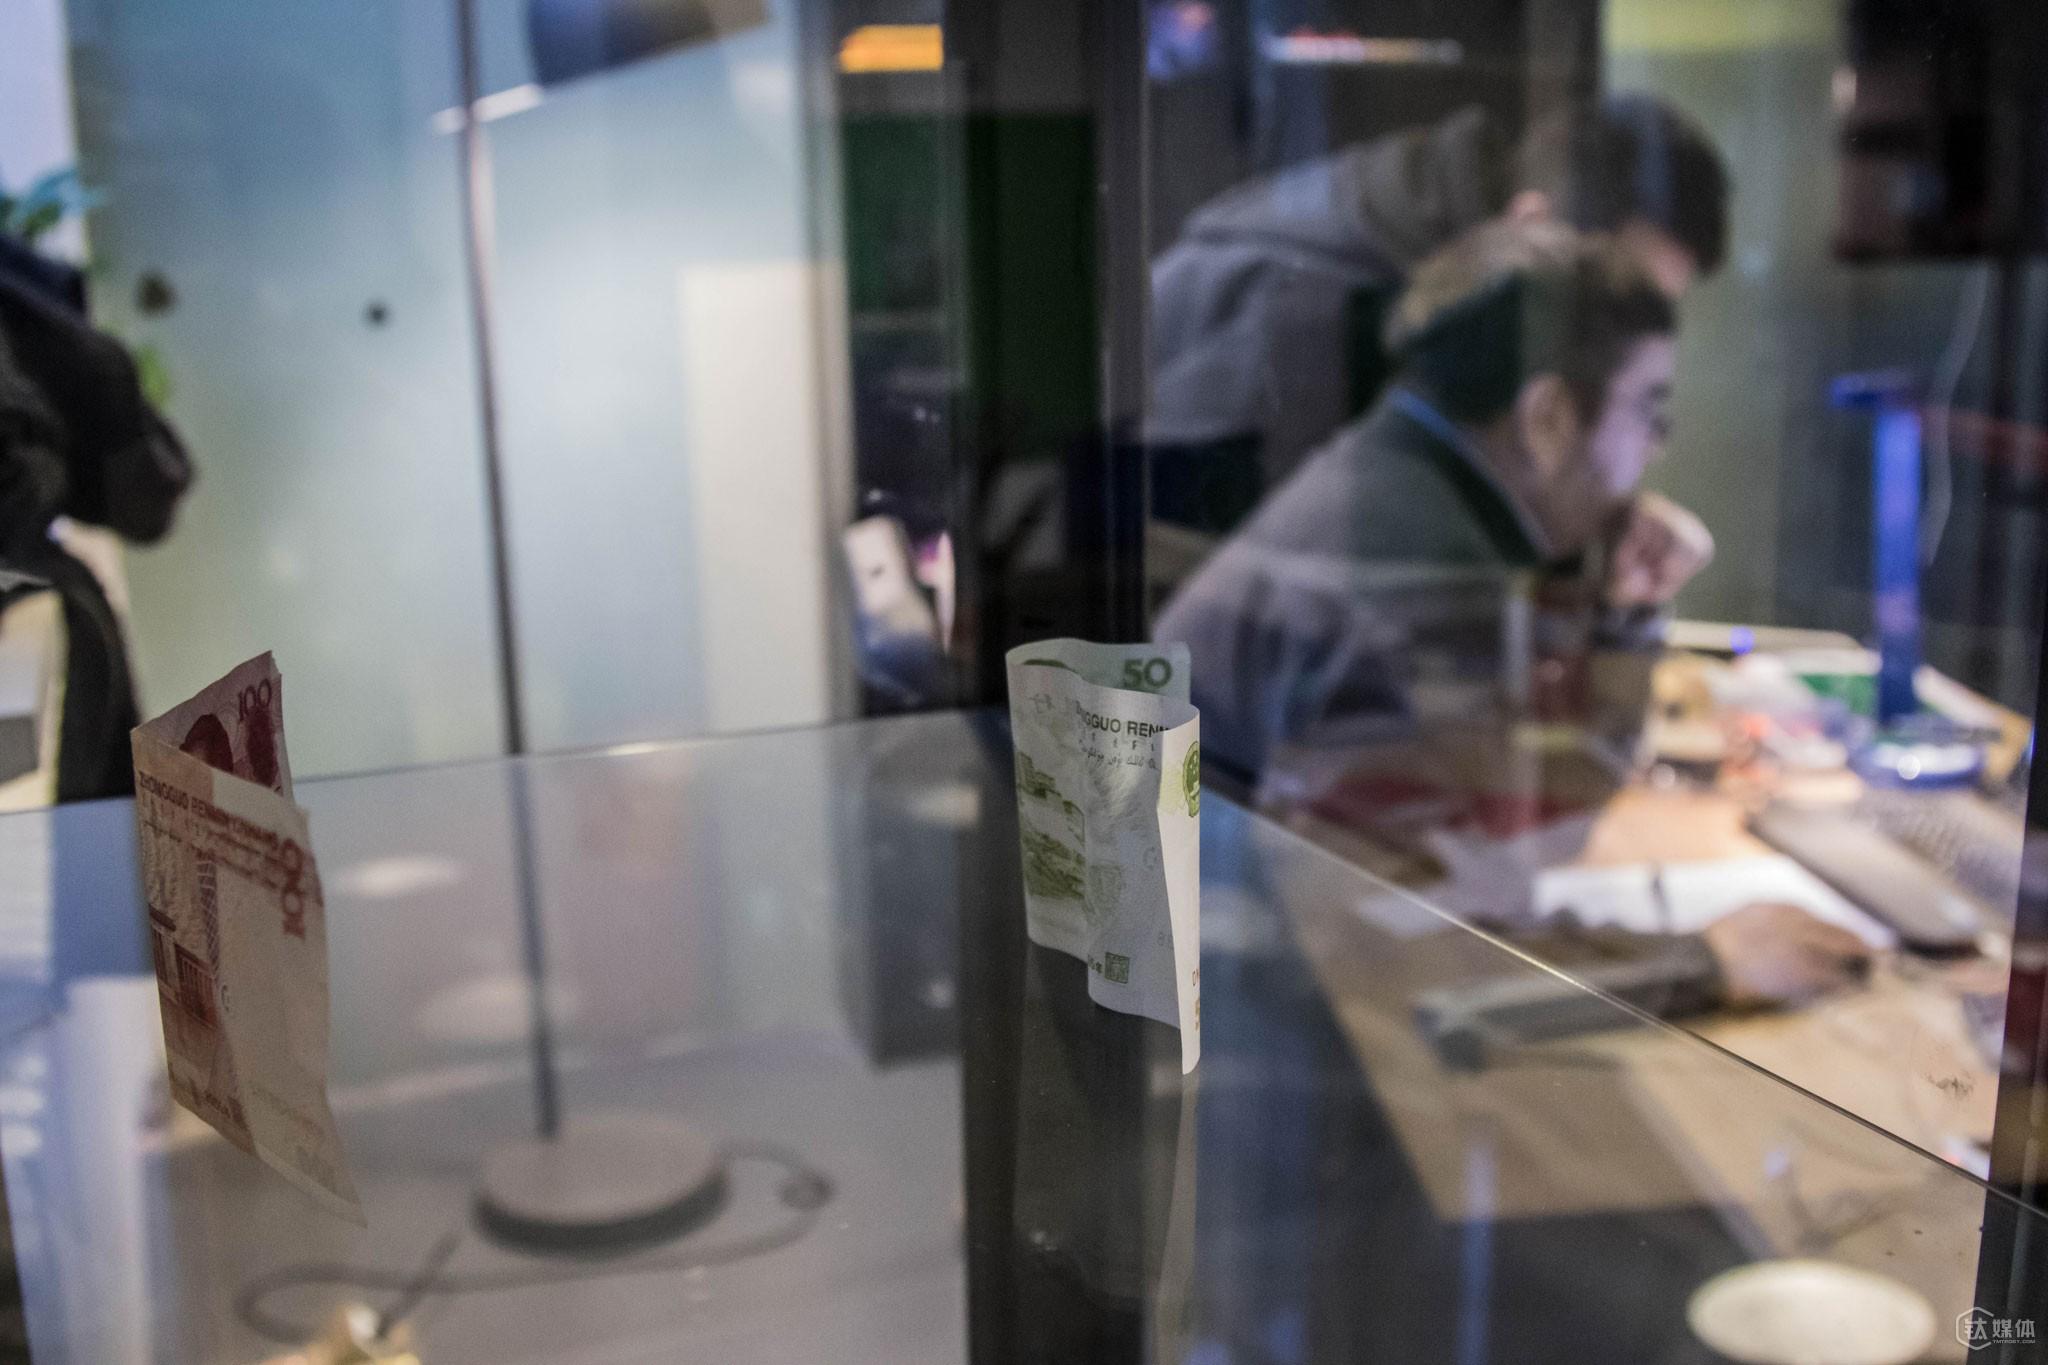 """在这个拥有特殊视角的空间里,托马斯摆了两张假钞。这个陈设源于他5个子女中的一个儿子在北京的一次经历:""""有一回我的一个儿子在北京打车,付车费时司机拿钱看了一下,之后告诉他说'是假钱',那之后,我把这两张钱拿到办公室,放在了陈列柜里"""",托马斯说自己并不是想表达什么,而只是觉得""""这是艺术""""。"""